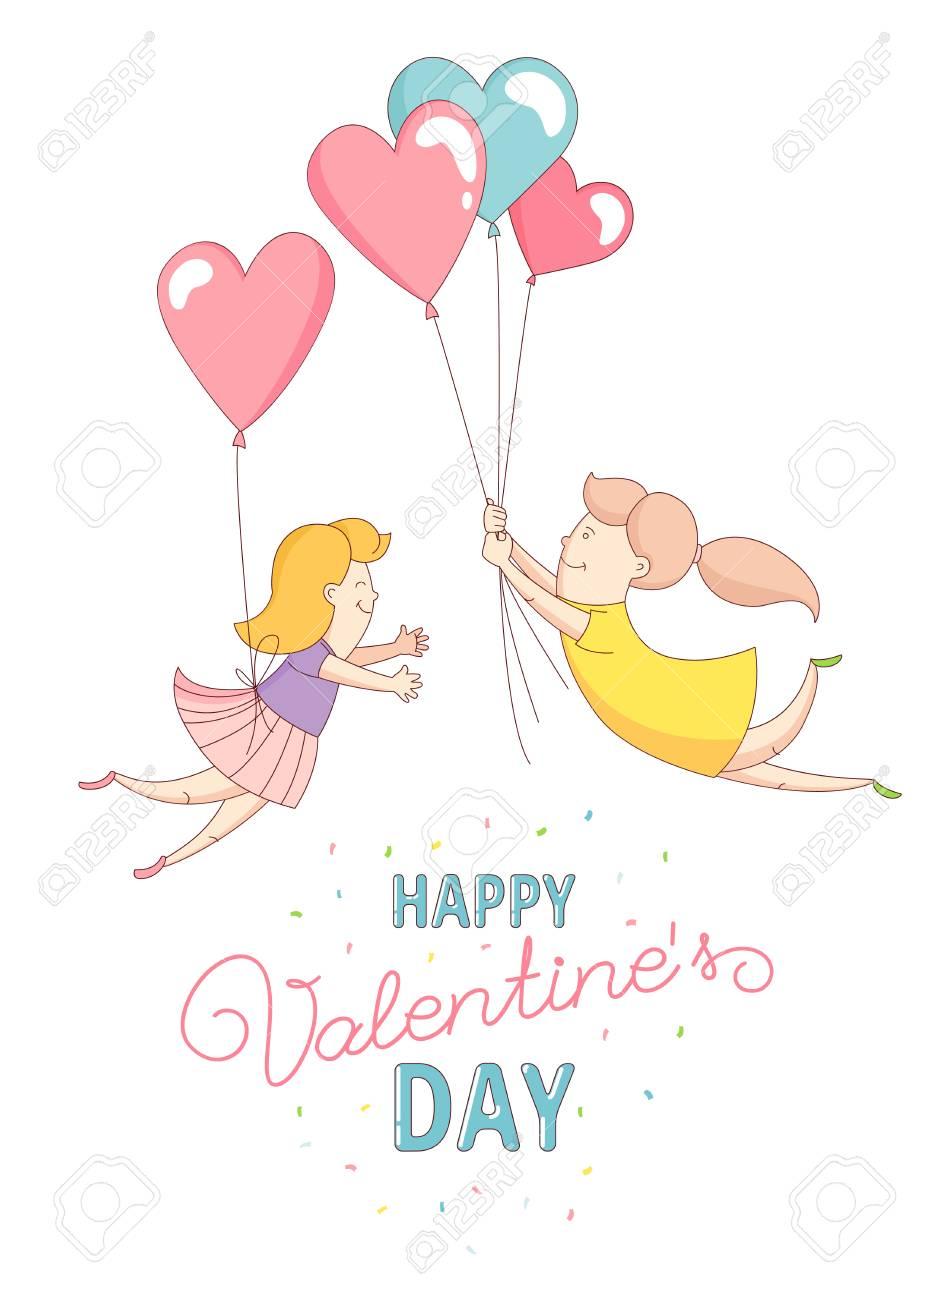 Gratulieren zum valentinstag